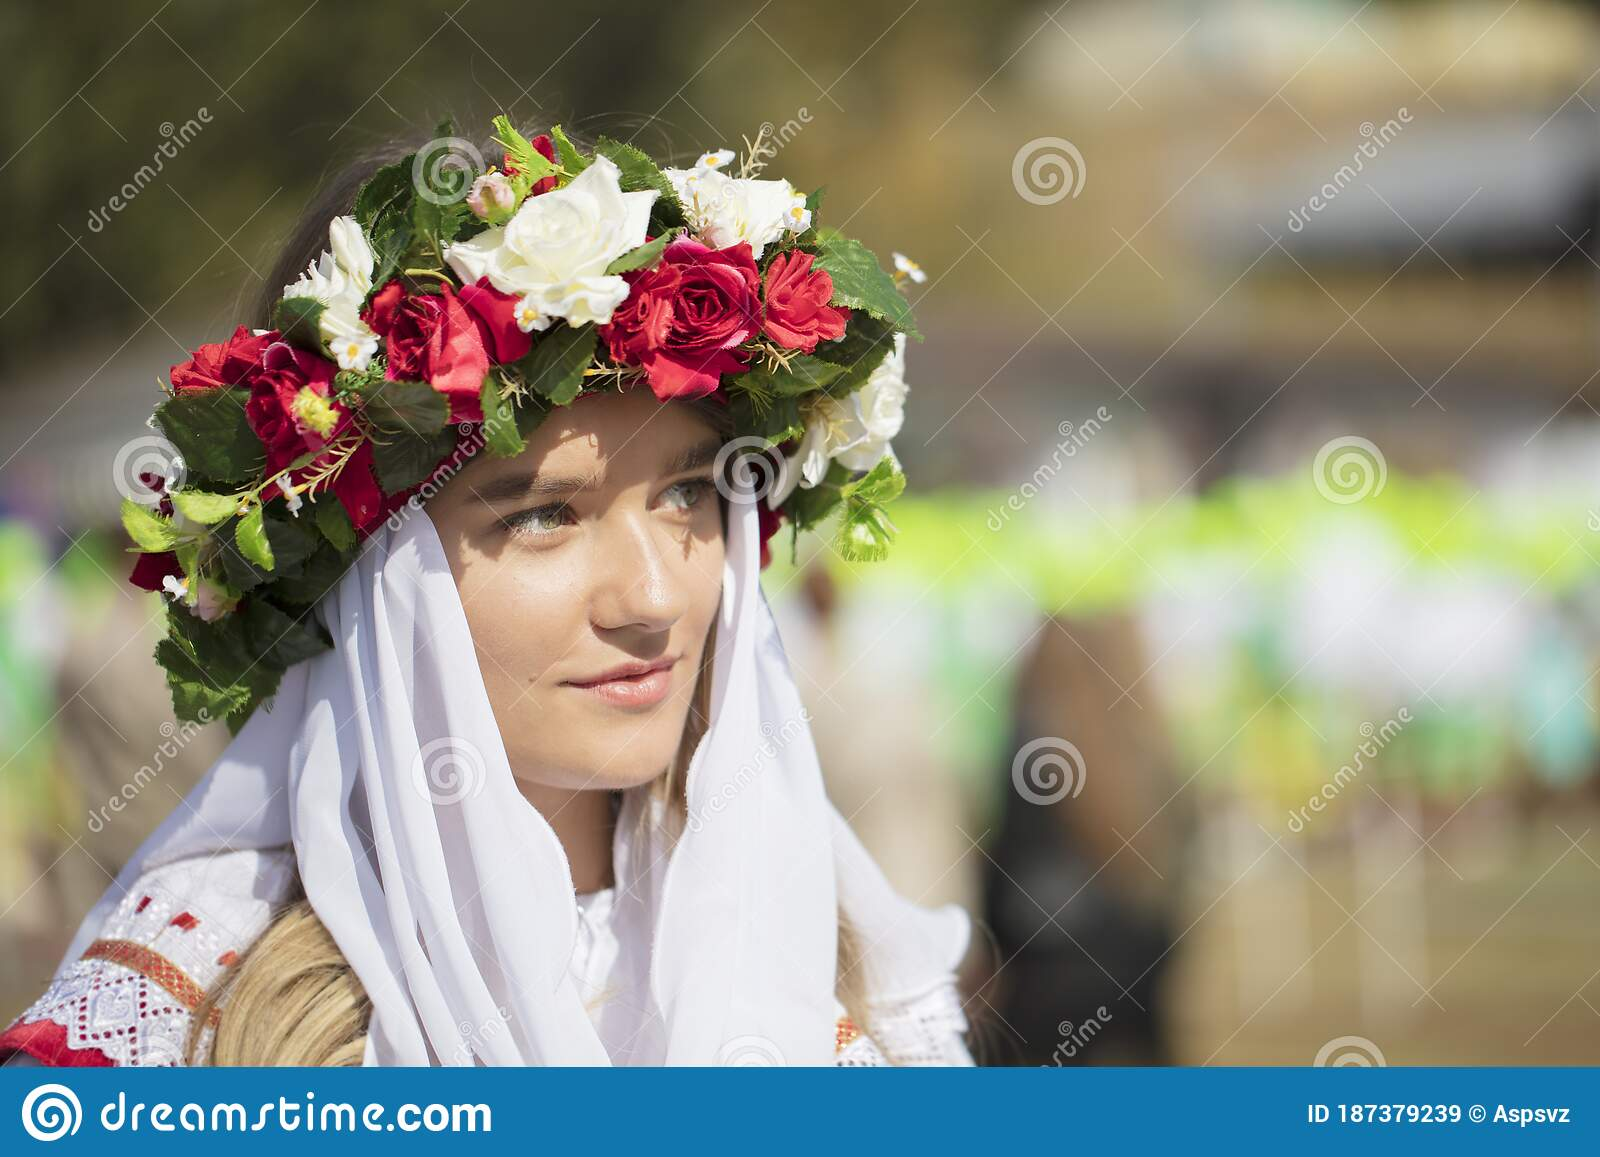 Girls belarus #1 Legitimate